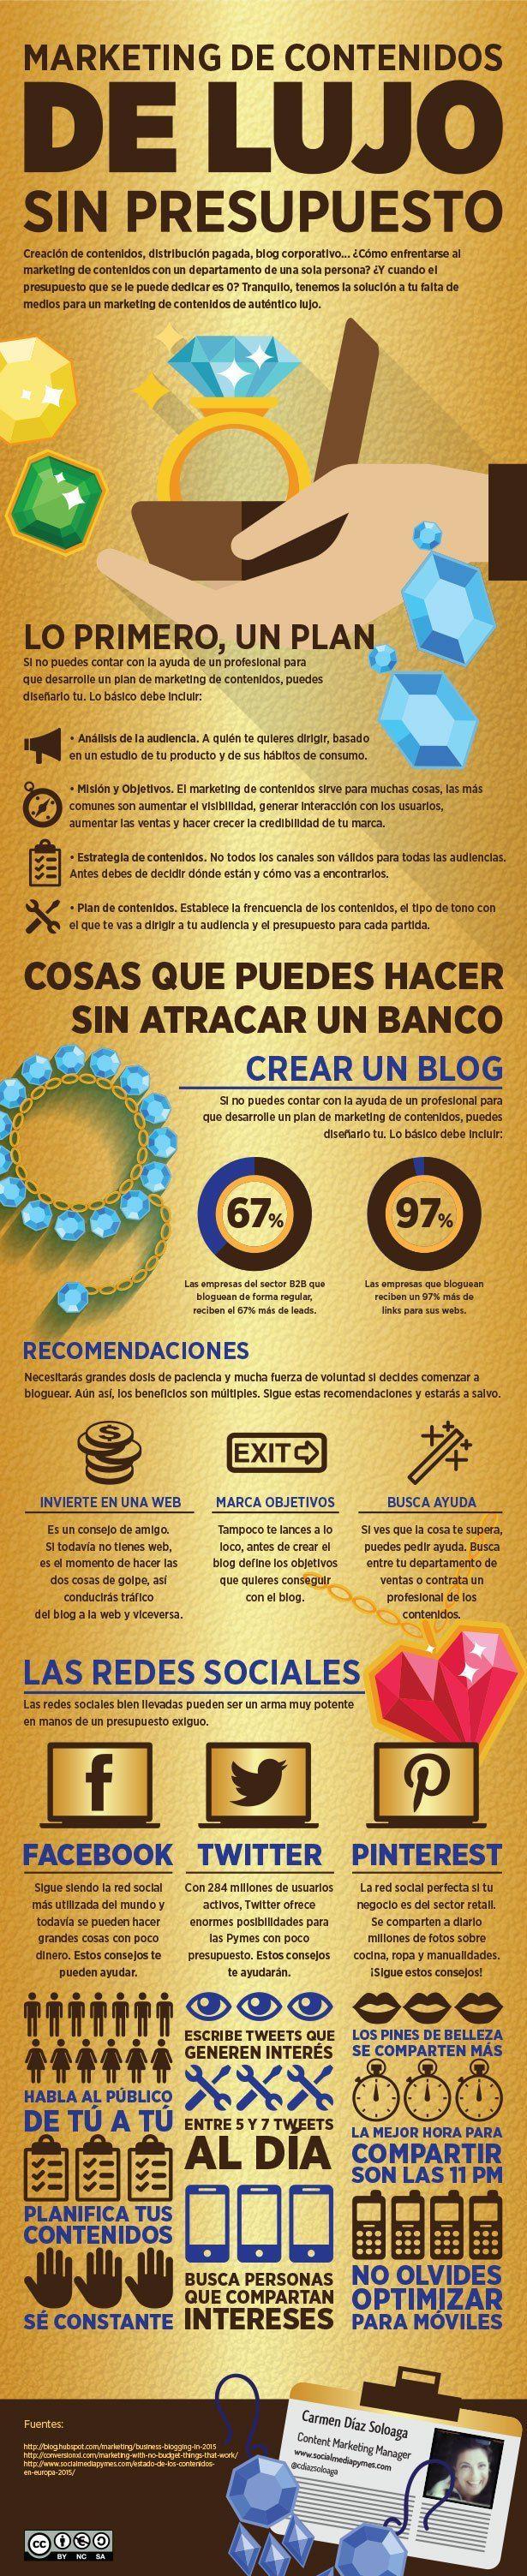 Marketing de Contenidos de Lujo (sin presupuesto). Infografía en español…